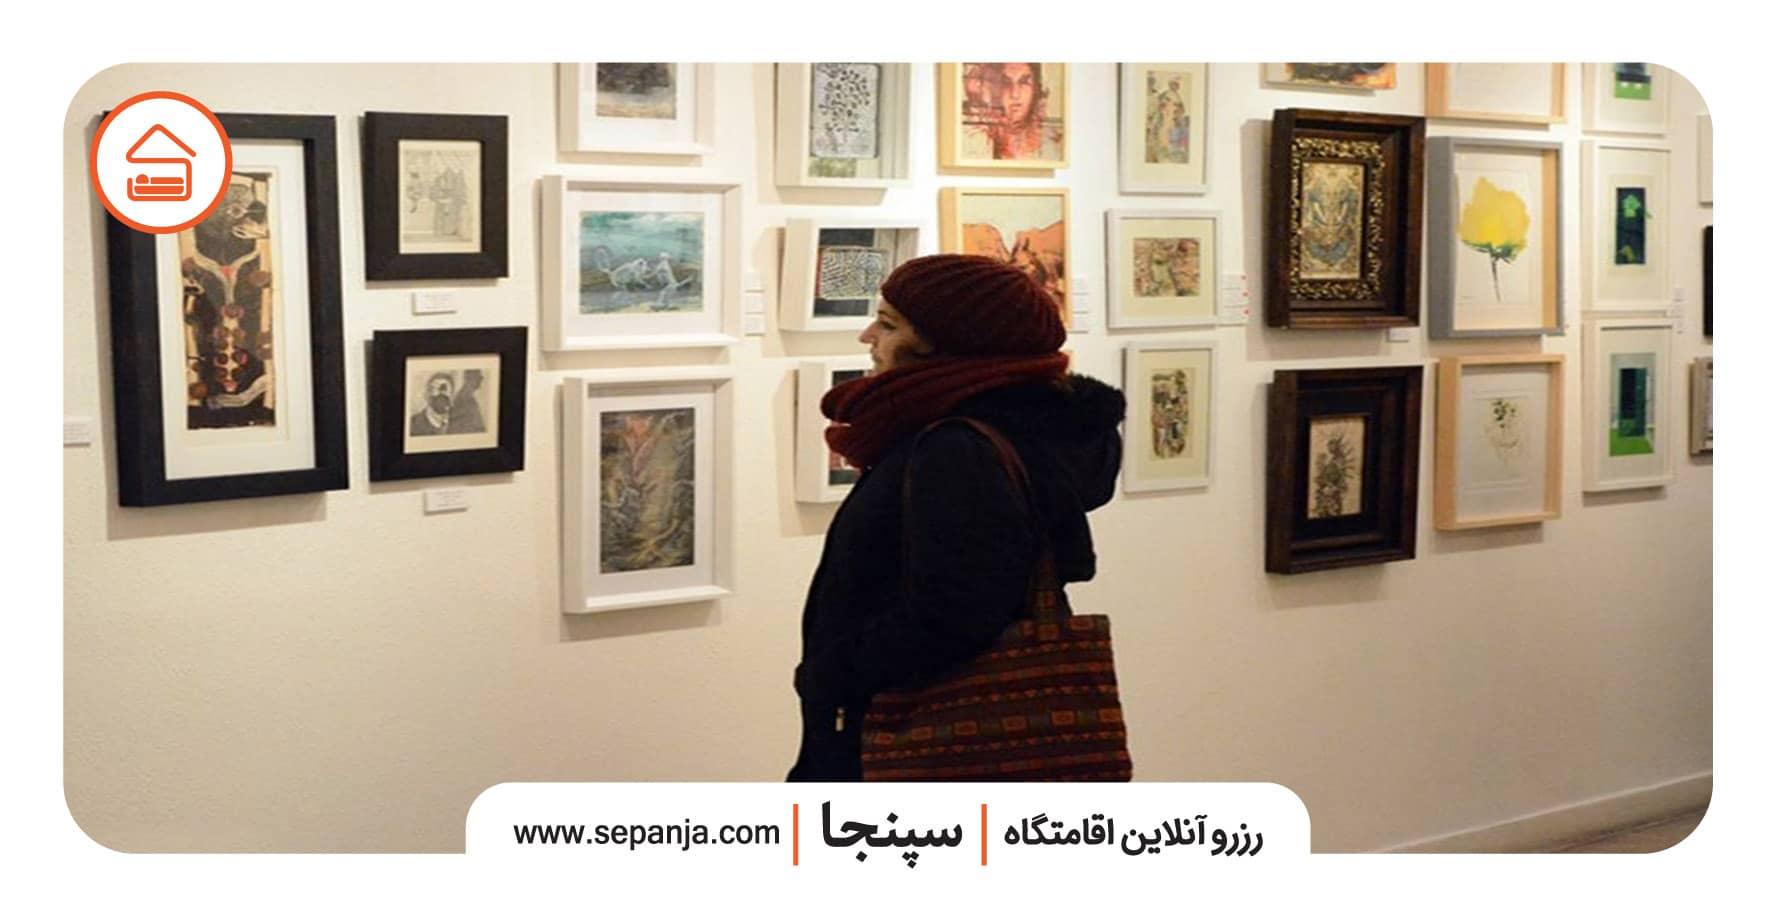 گالری های نقاشی شهر تهران